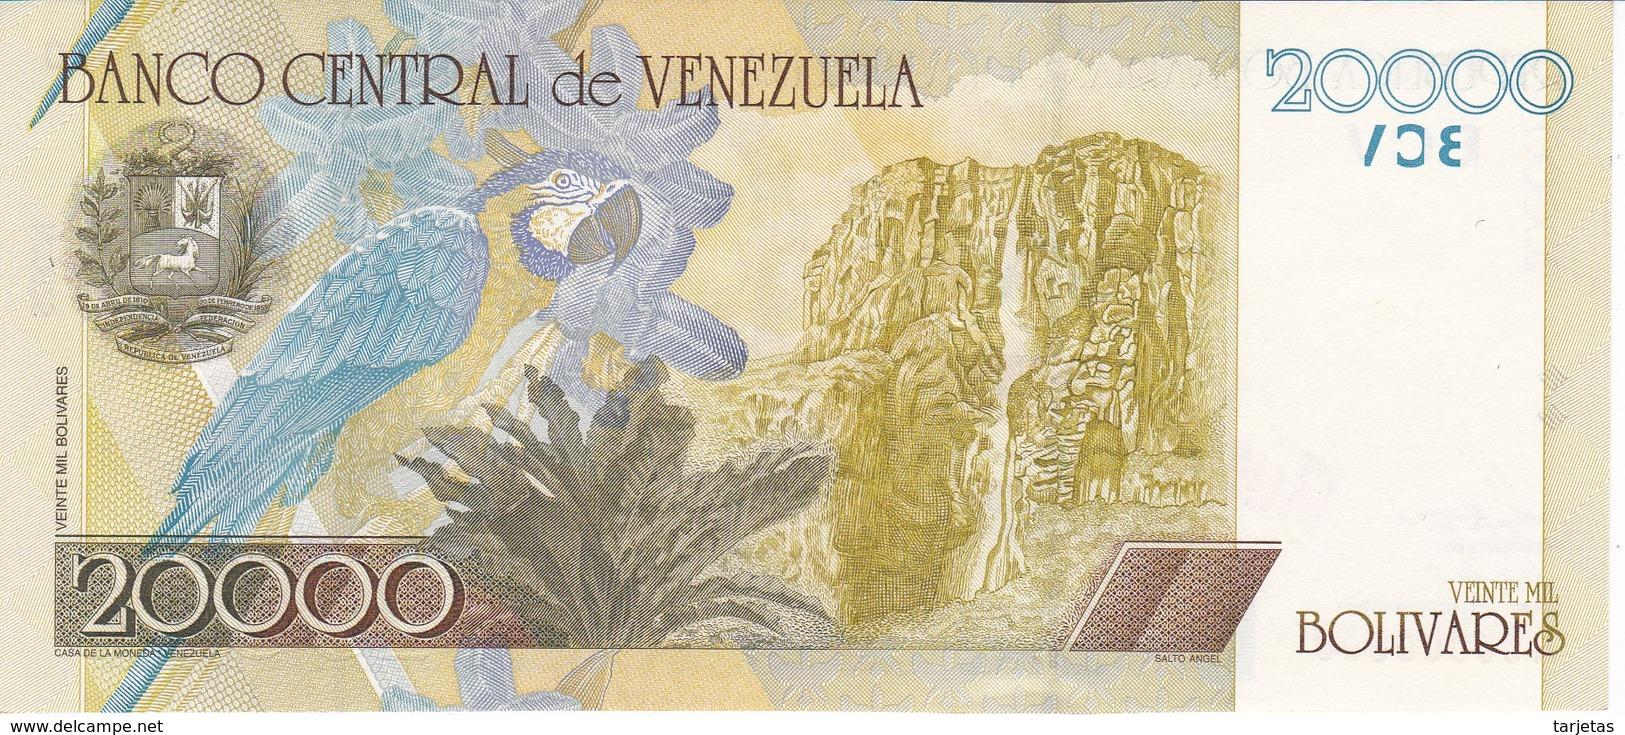 ESPECIMEN -BILLETE DE VENEZUELA DE 20000 BOLIVARES DEL AÑO 2001 SIN CIRCULAR - UNCIRCULATED (SPECIMEN) (BANKNOTE) - Venezuela